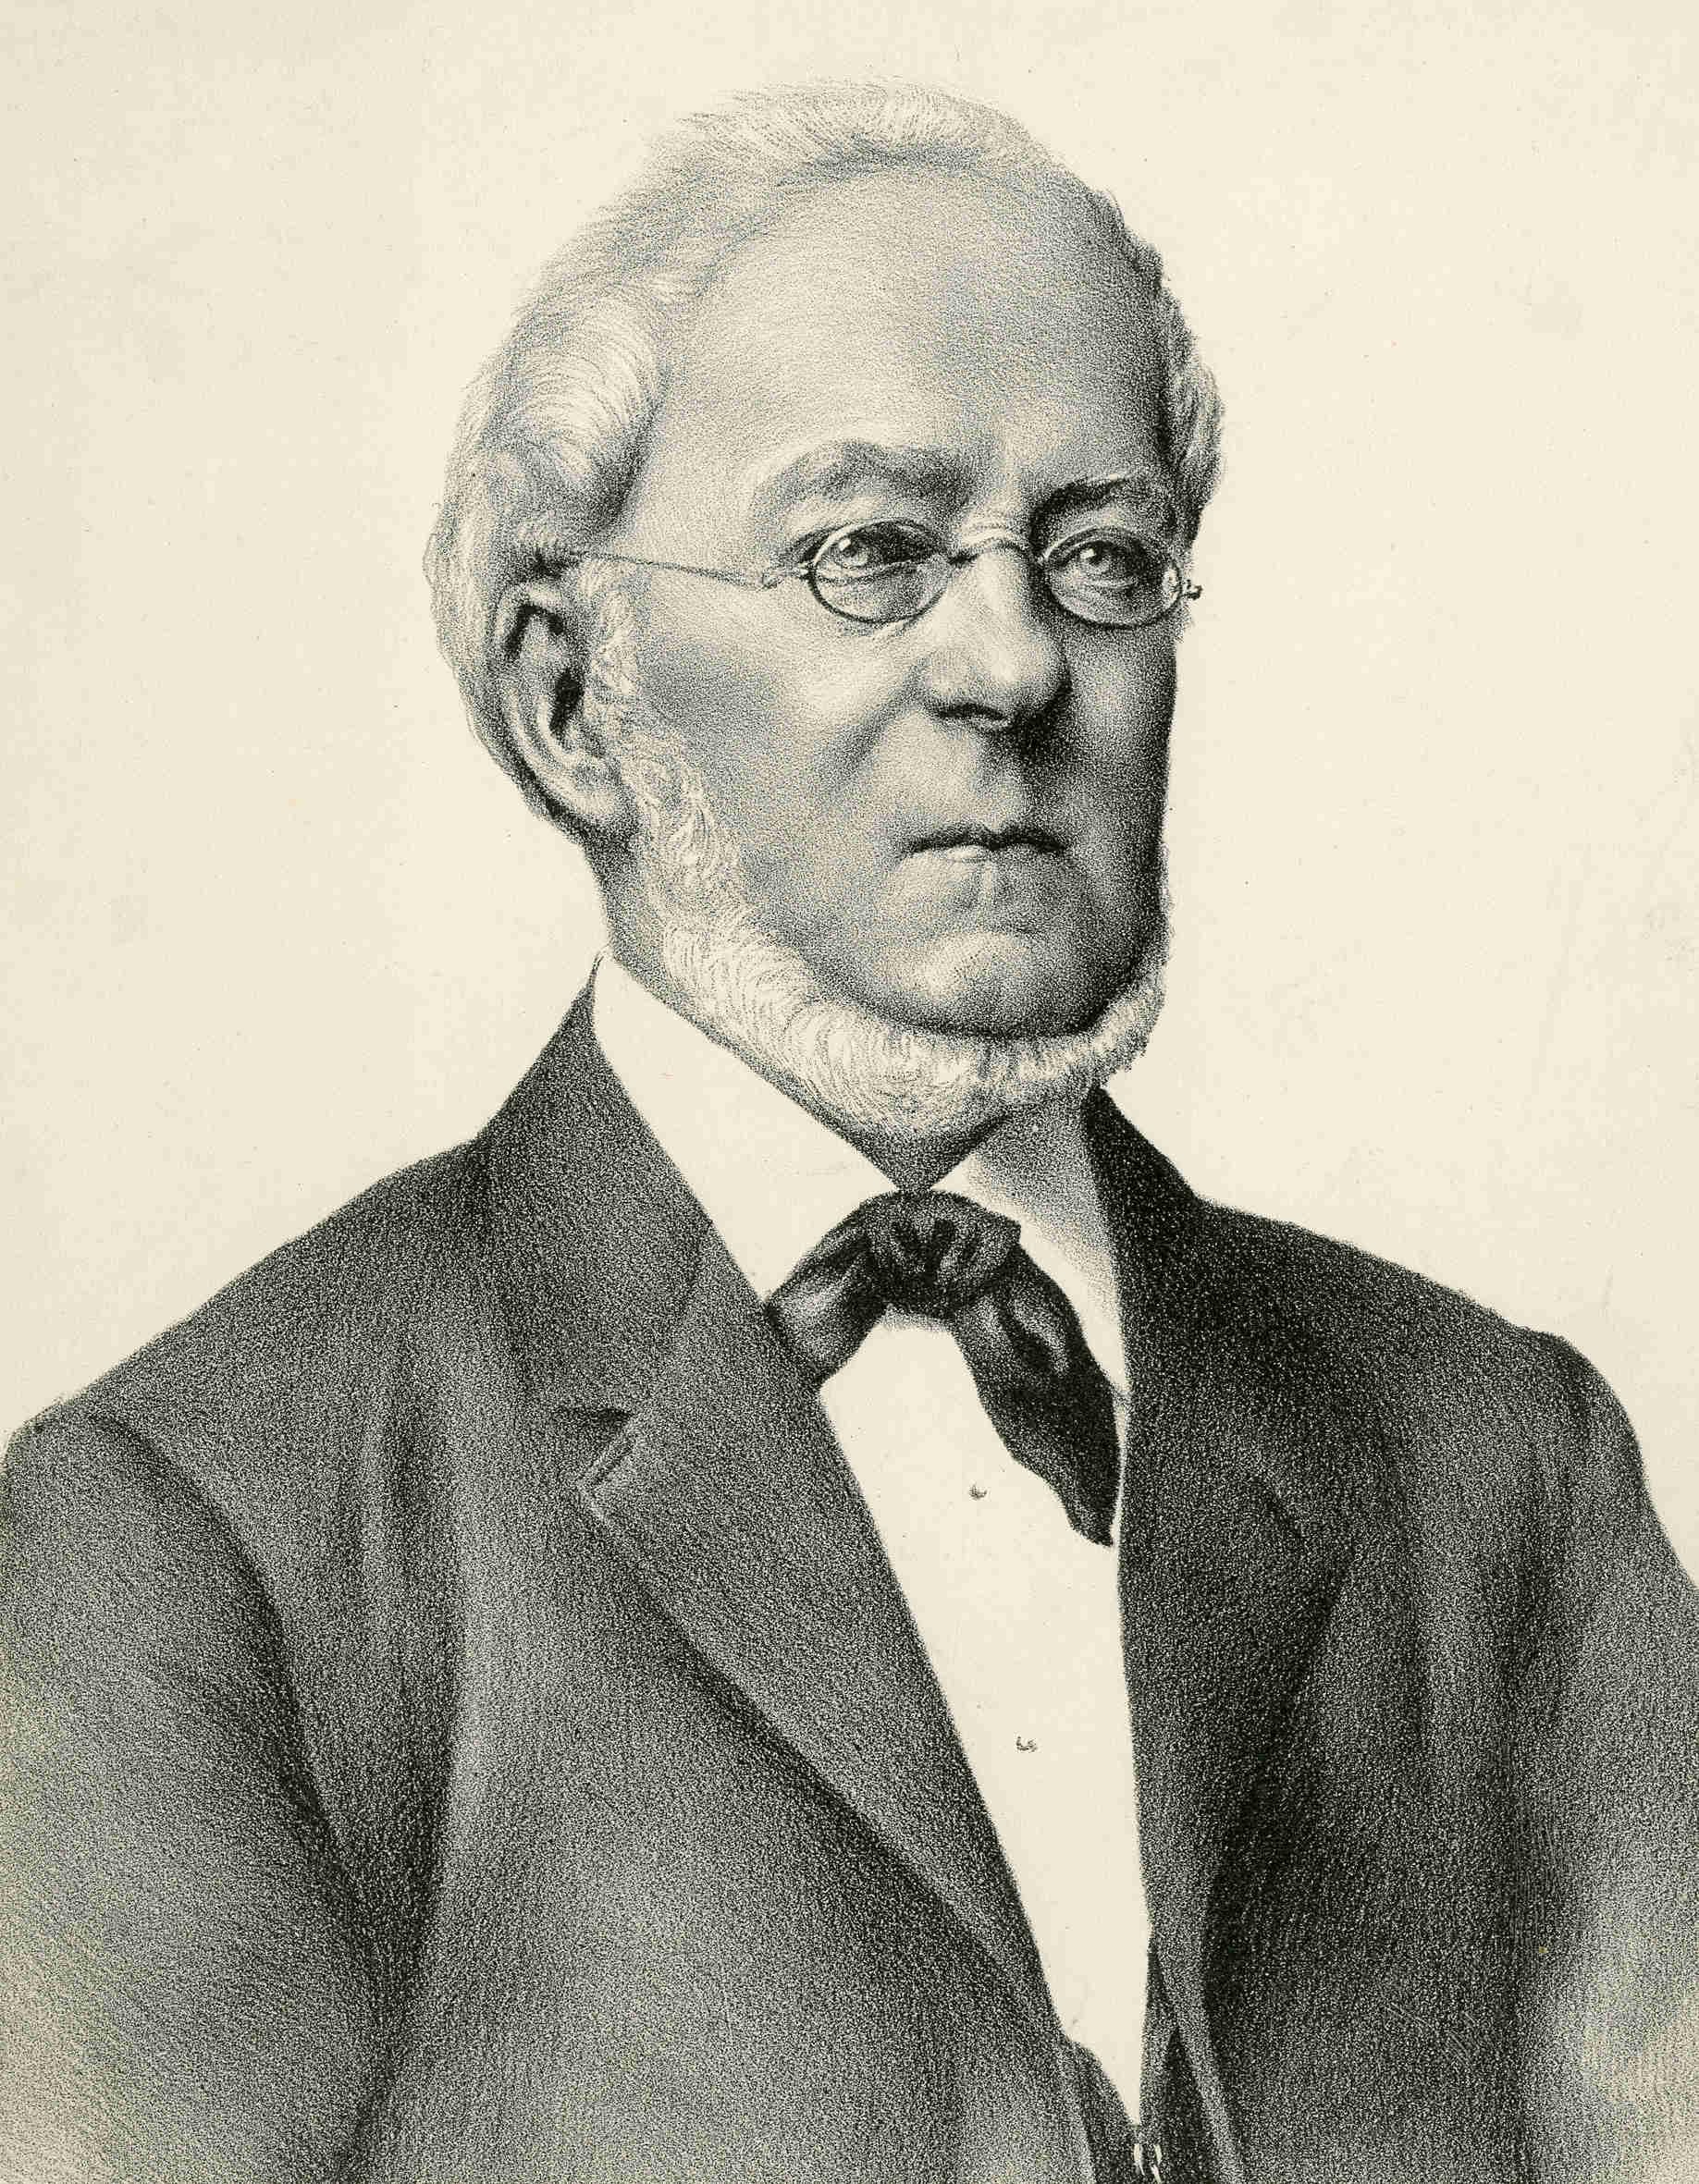 Hermann Upmann Portrait